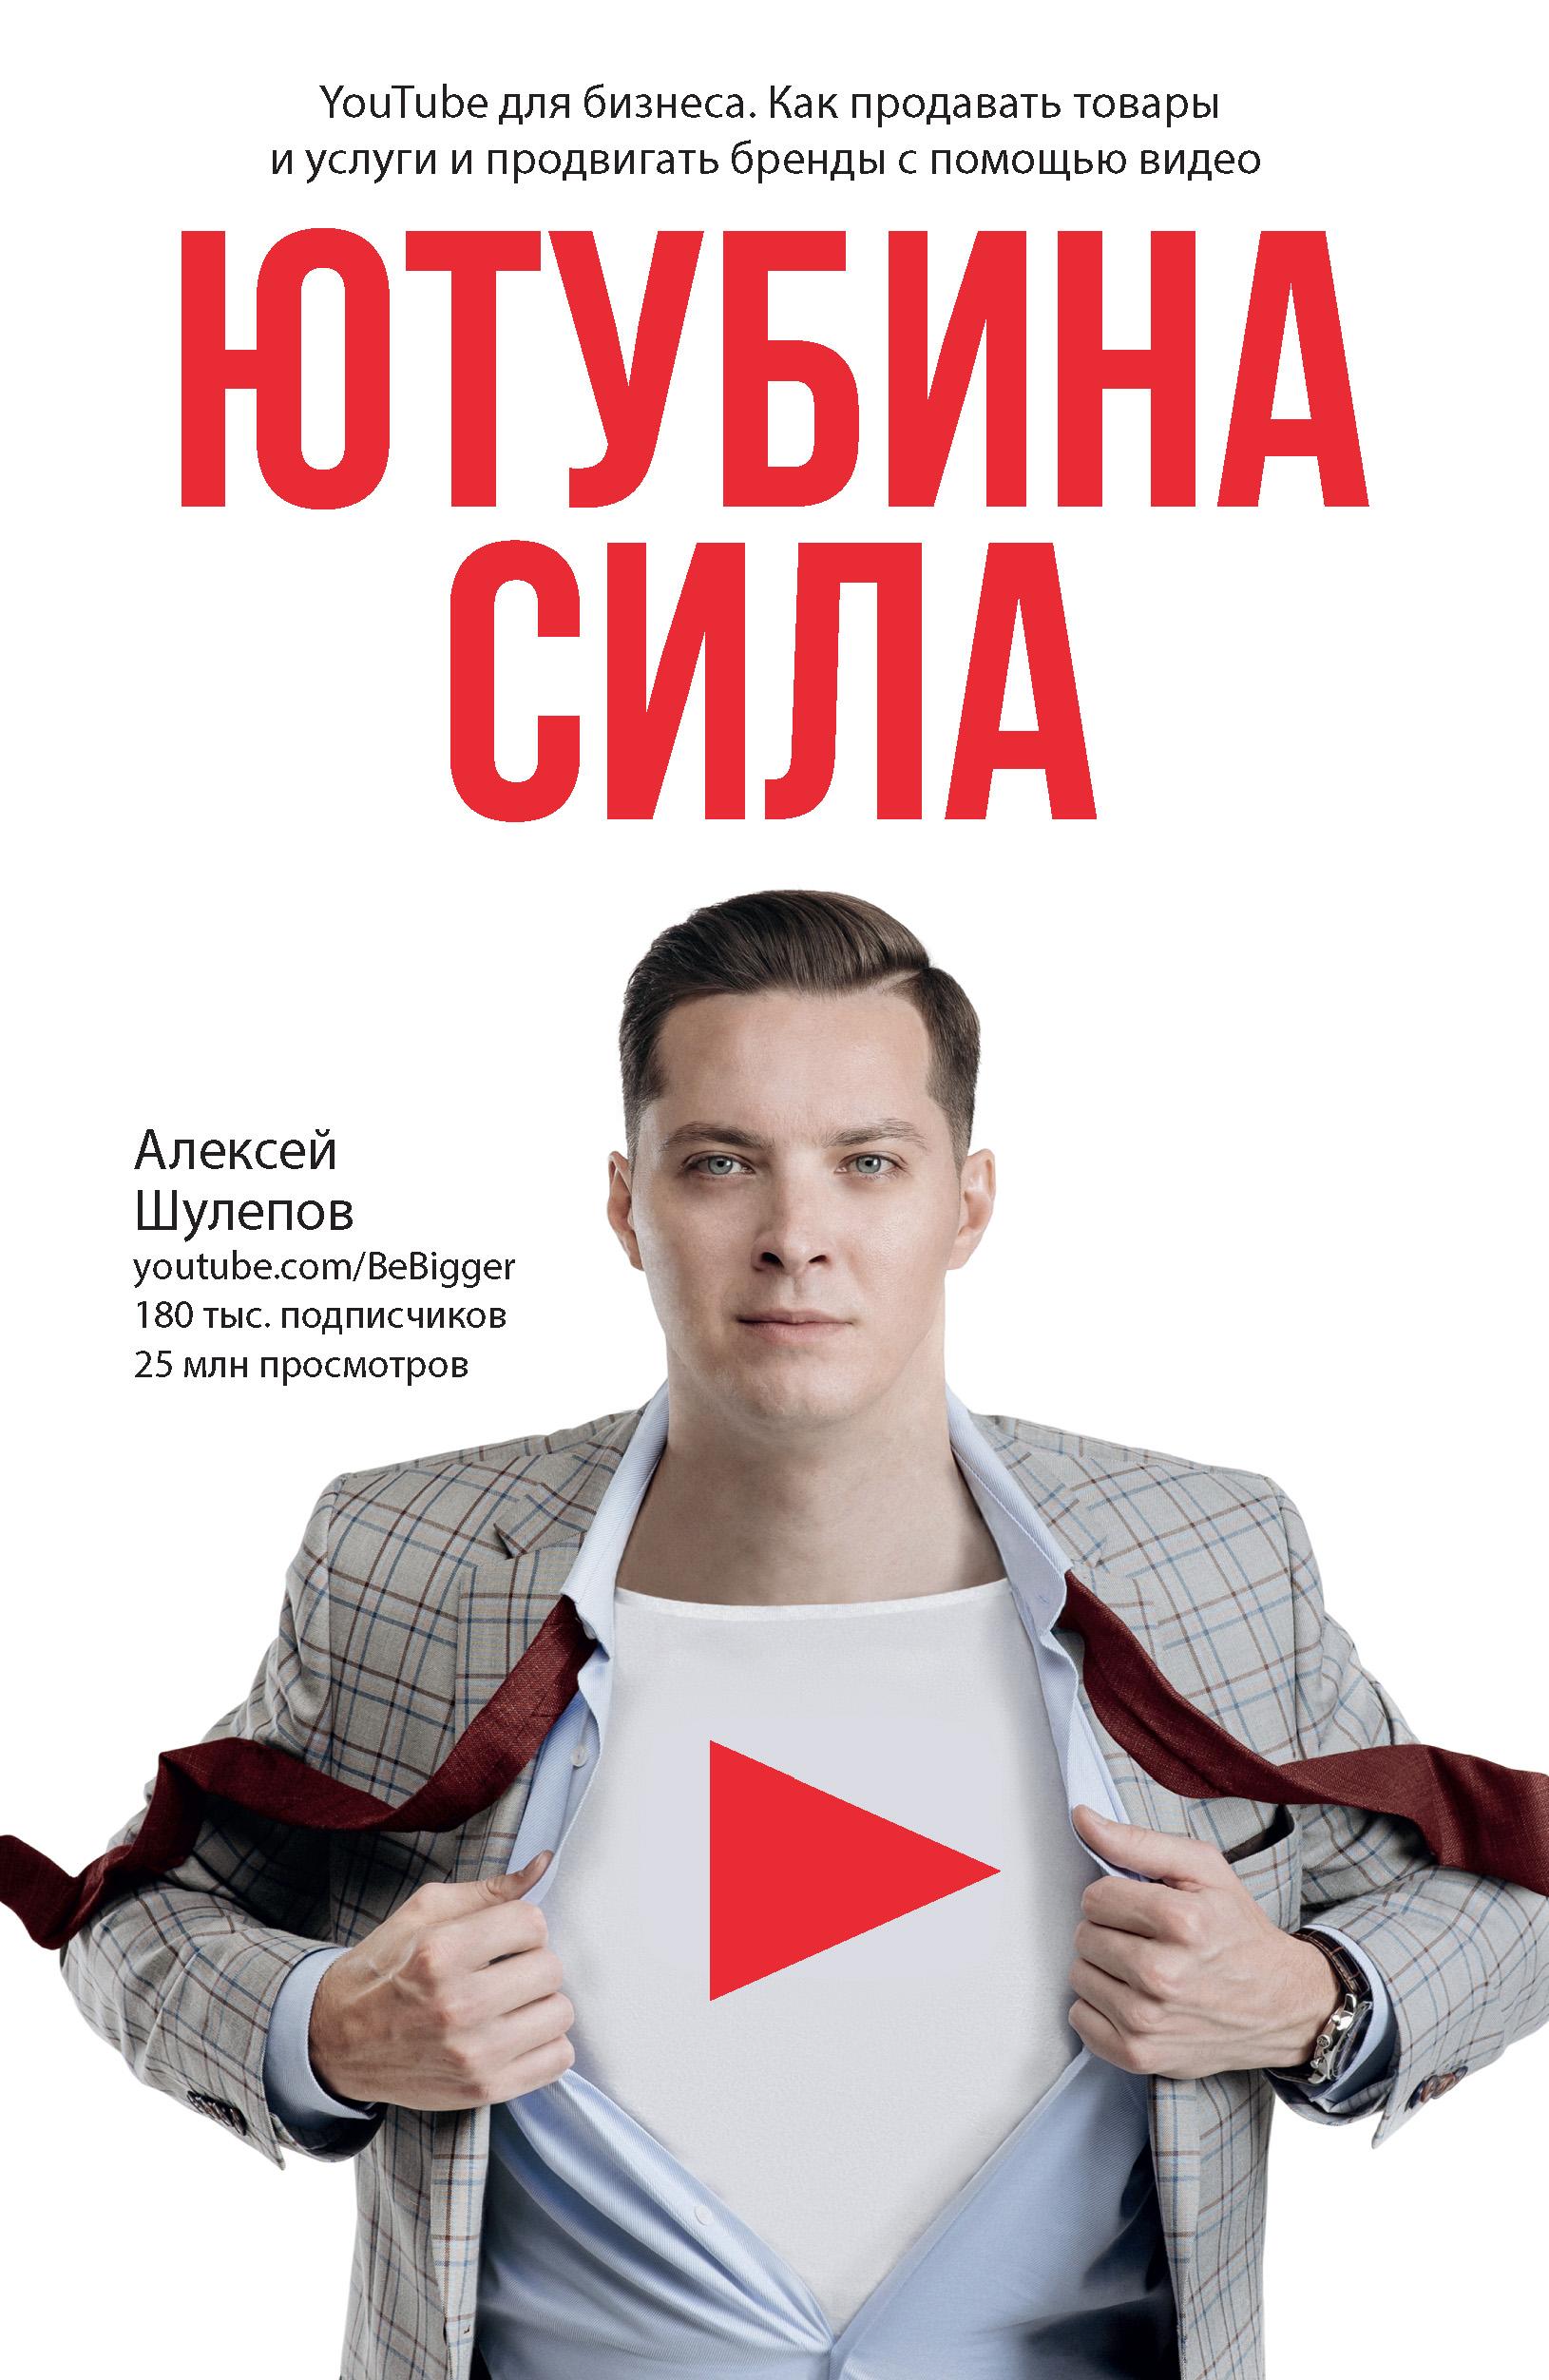 Обложка книги ЮтубинаСила. YouTube для бизнеса. Как продавать товары и услуги и продвигать бренды с помощью видео